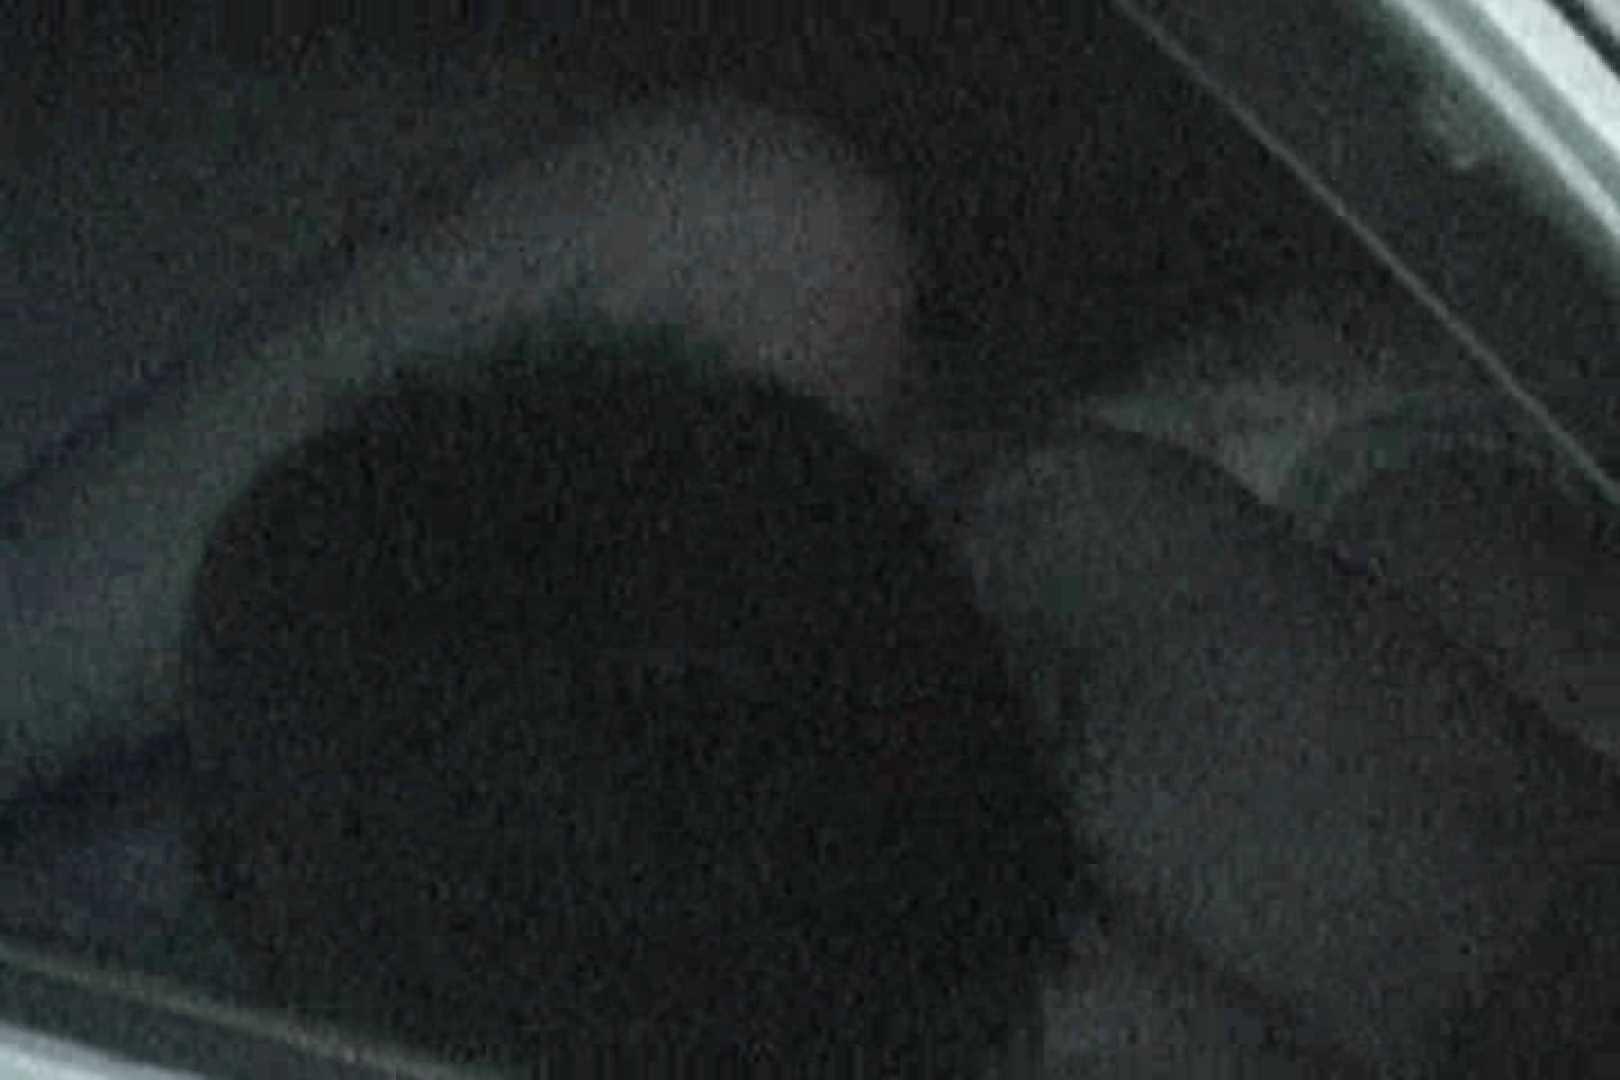 充血監督の深夜の運動会Vol.24 フェラ最高 AV無料動画キャプチャ 55画像 35